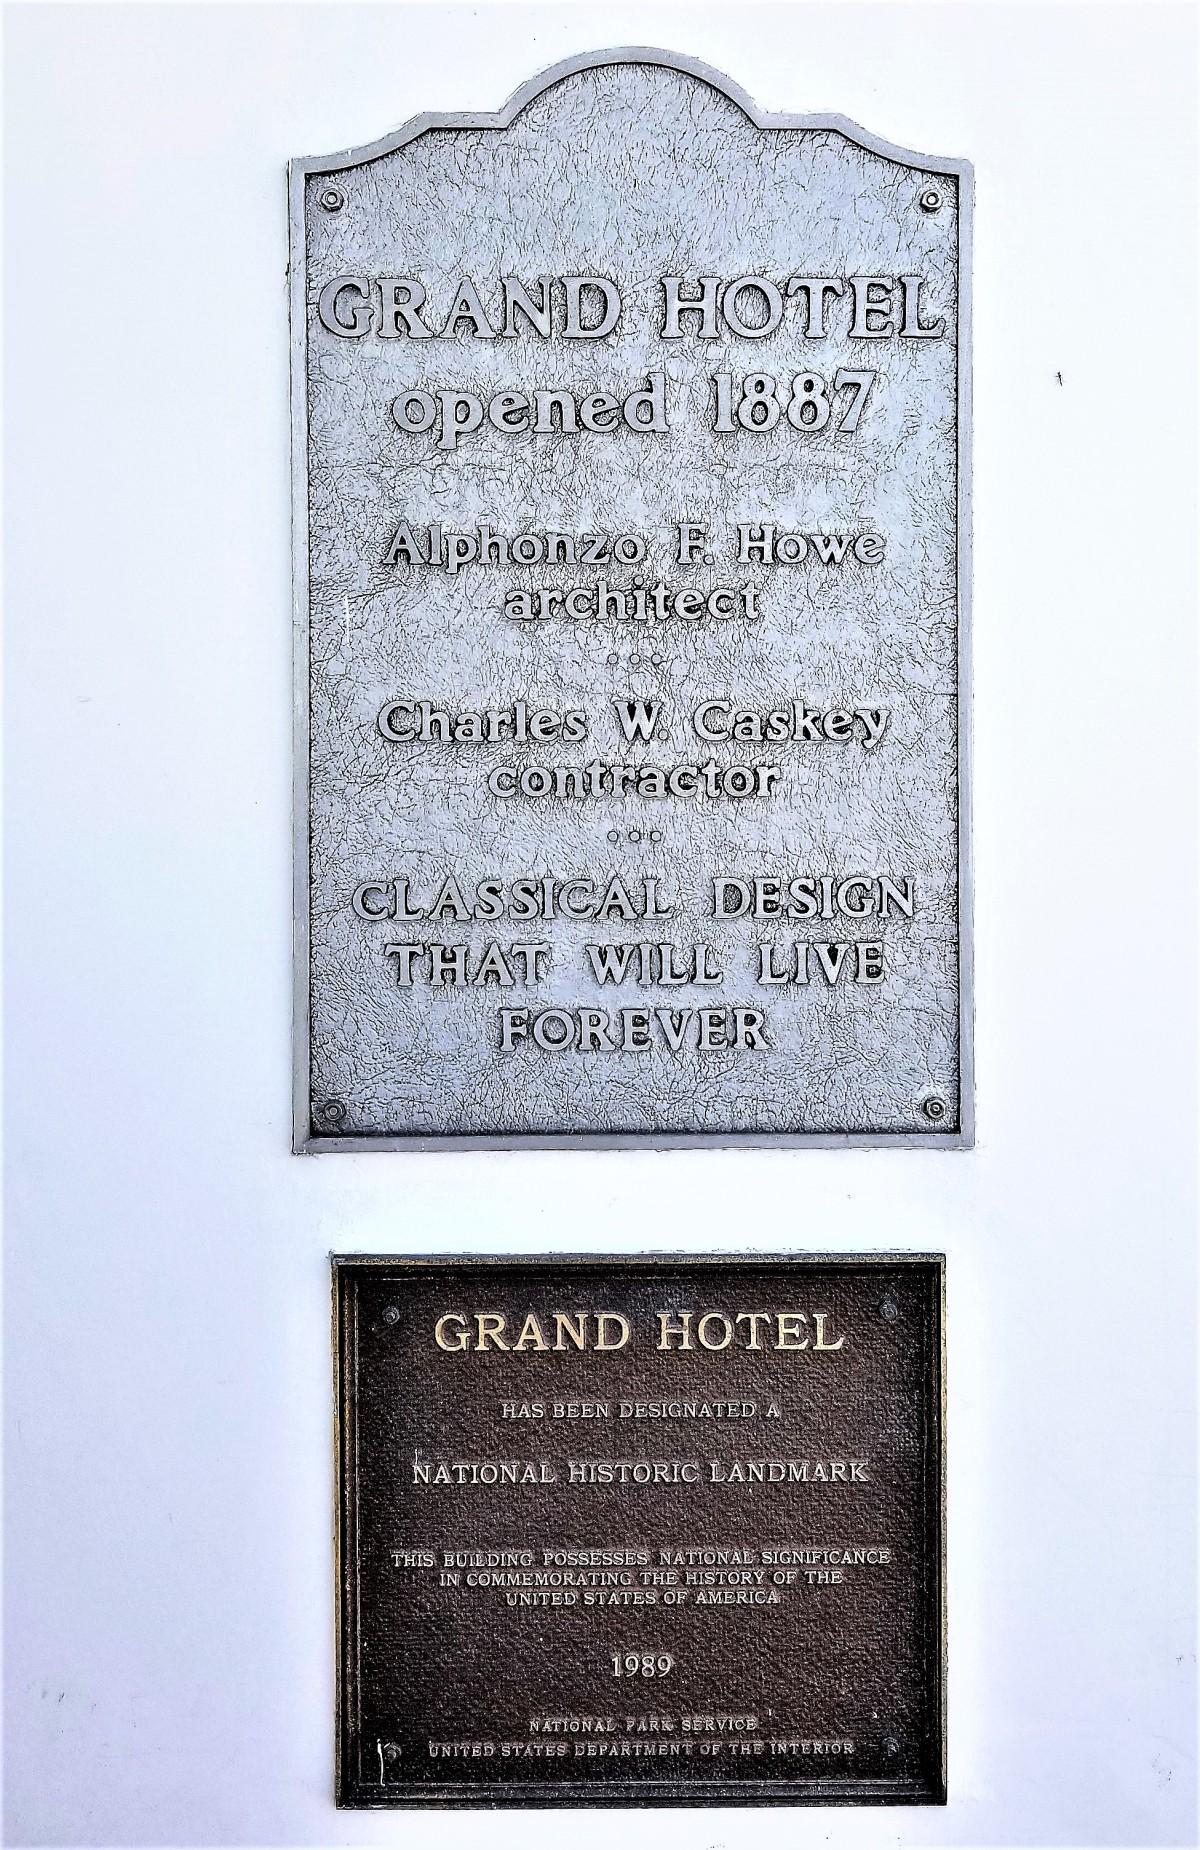 Grand Hotel award